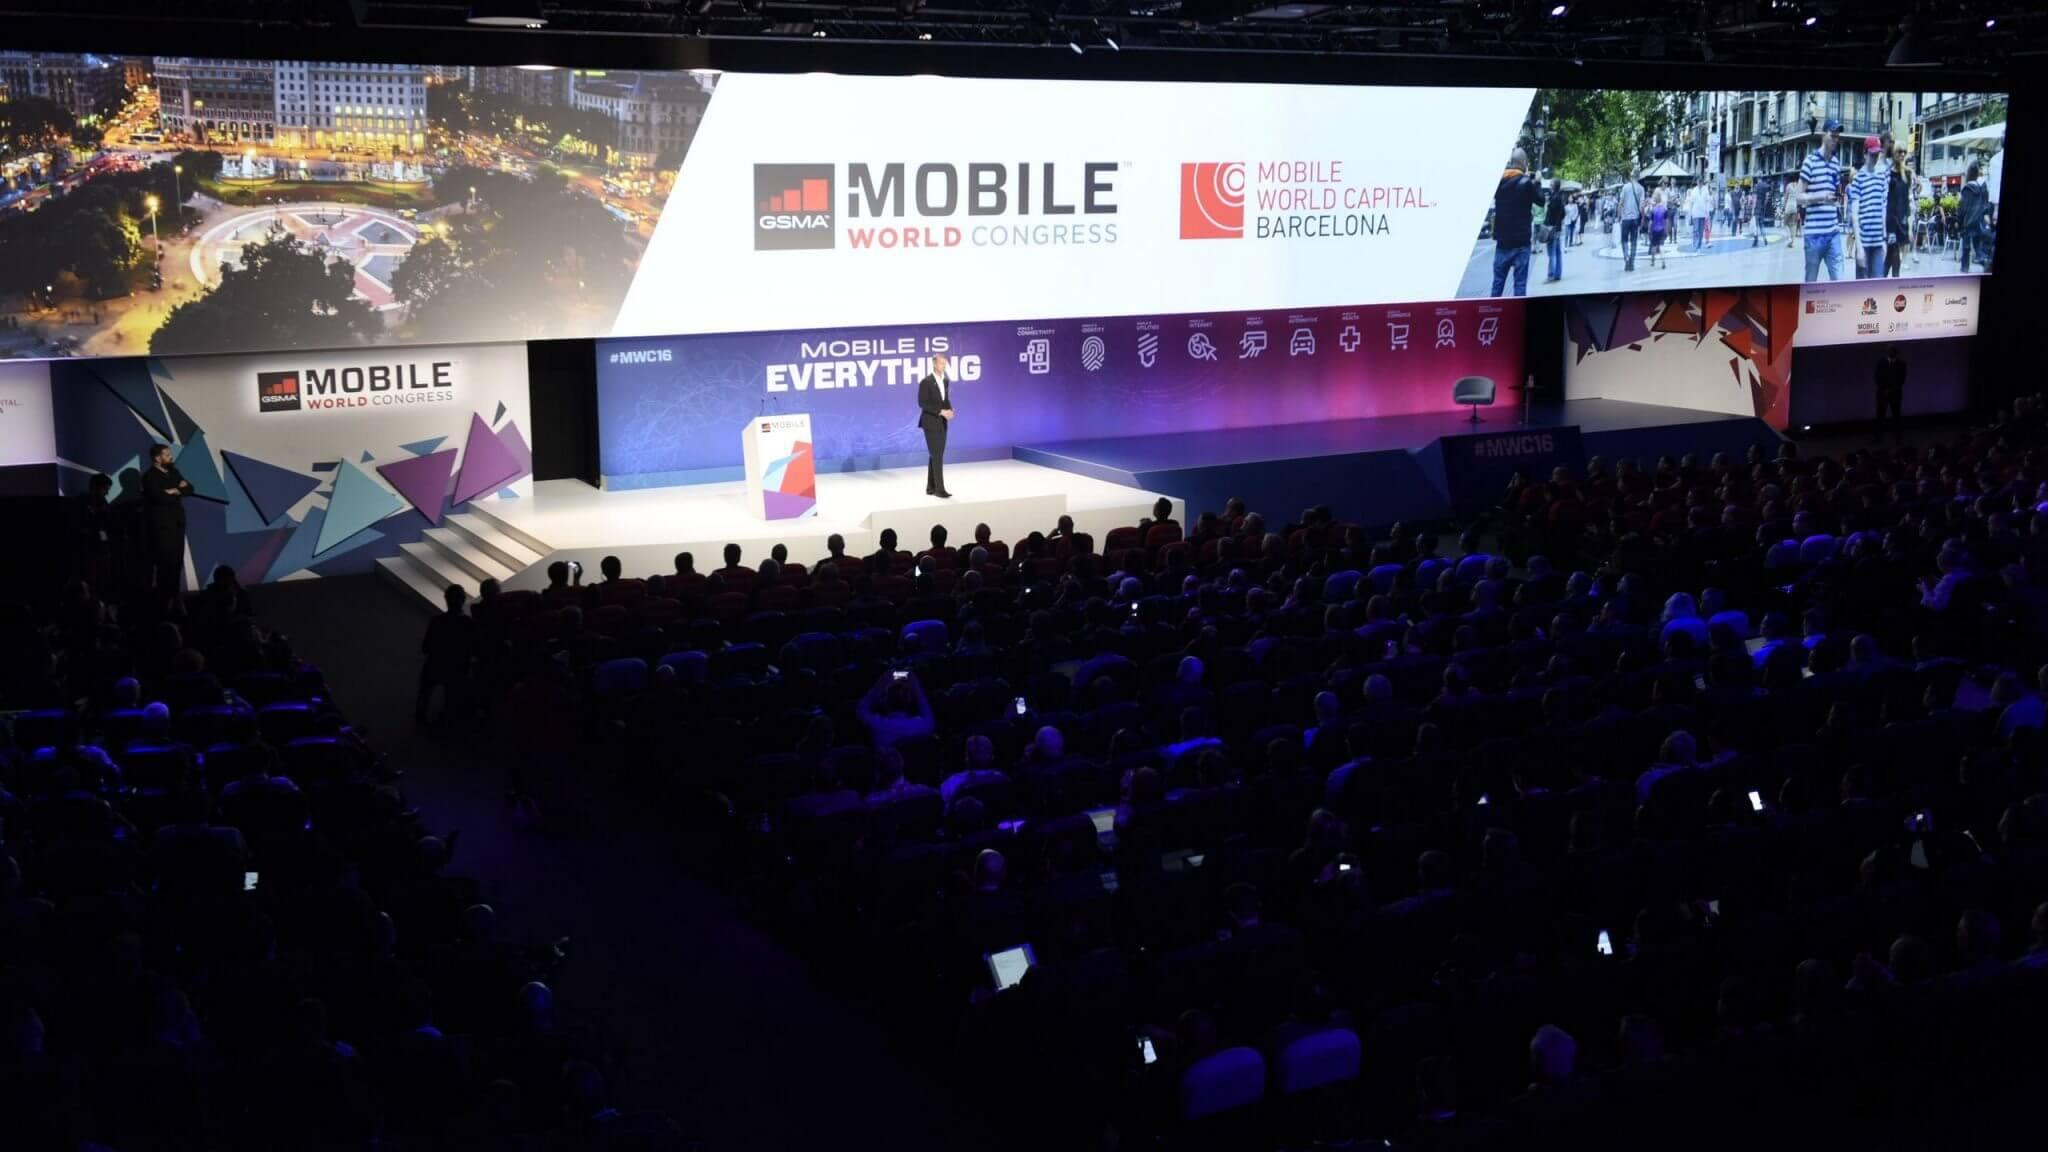 Confira alguns dos destaques da Mobile World Congress 2016 4